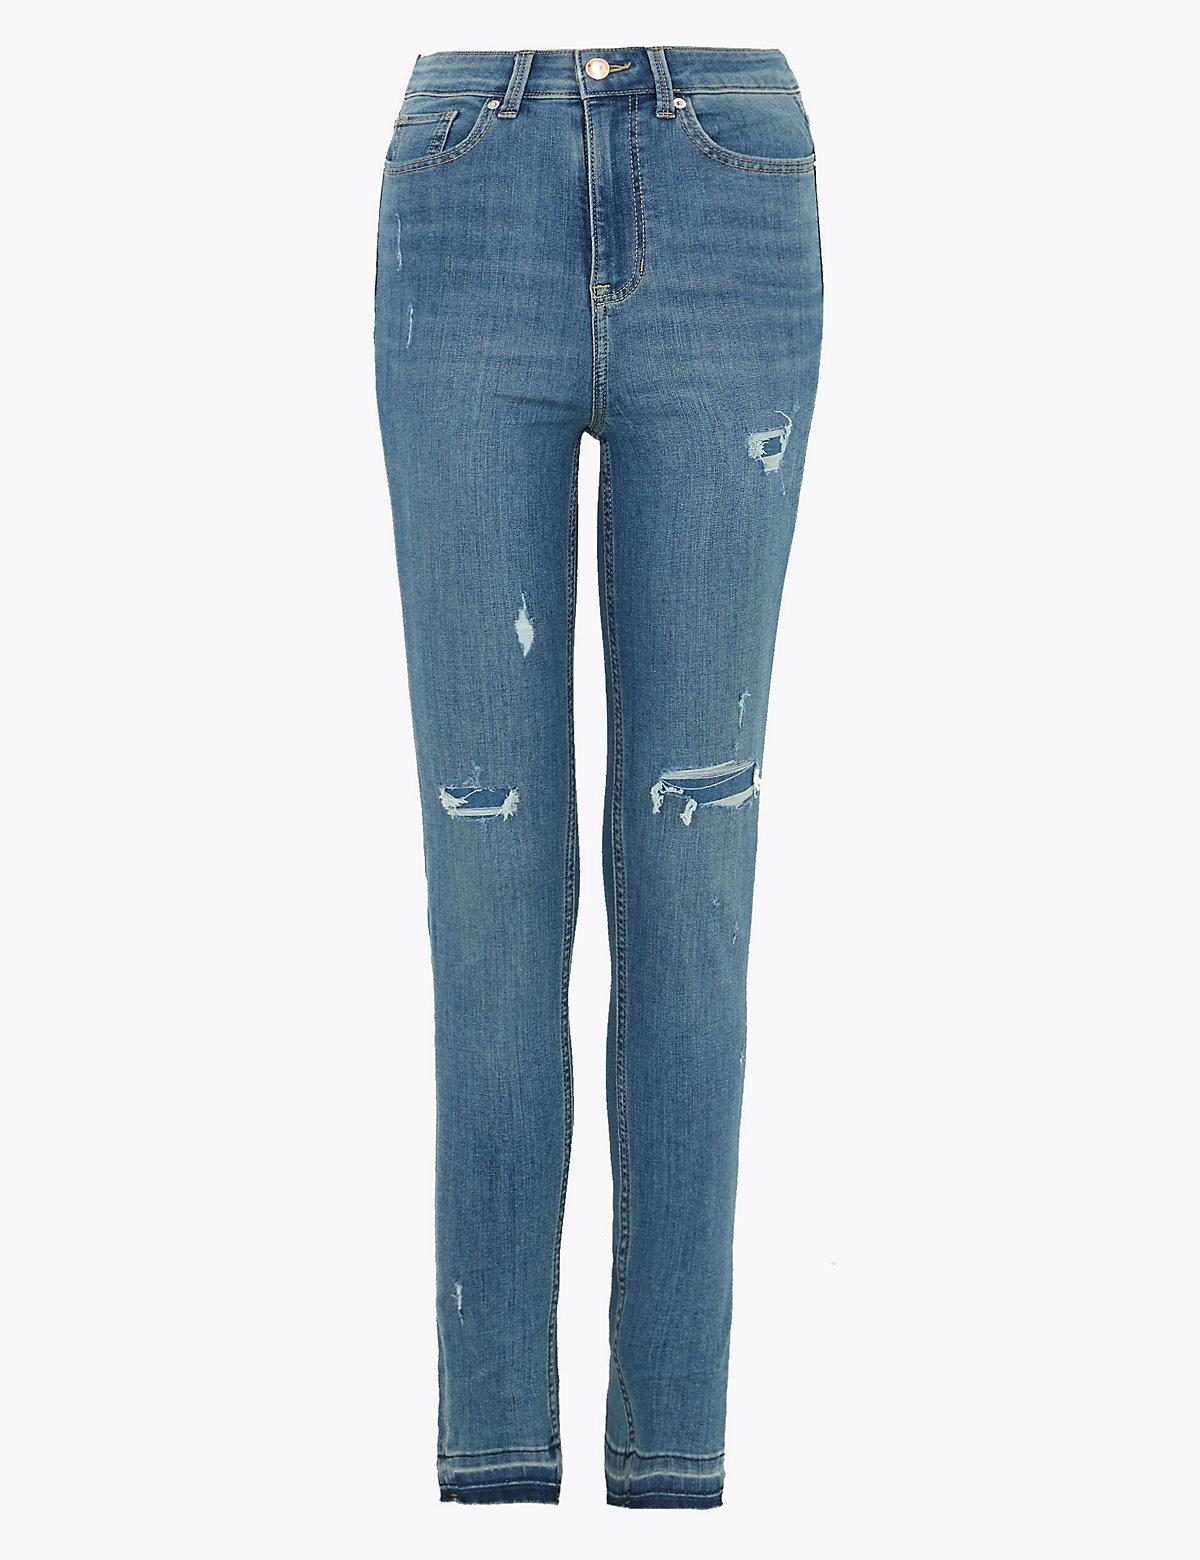 Рваные джинсы скинни Ivy с высокой талией